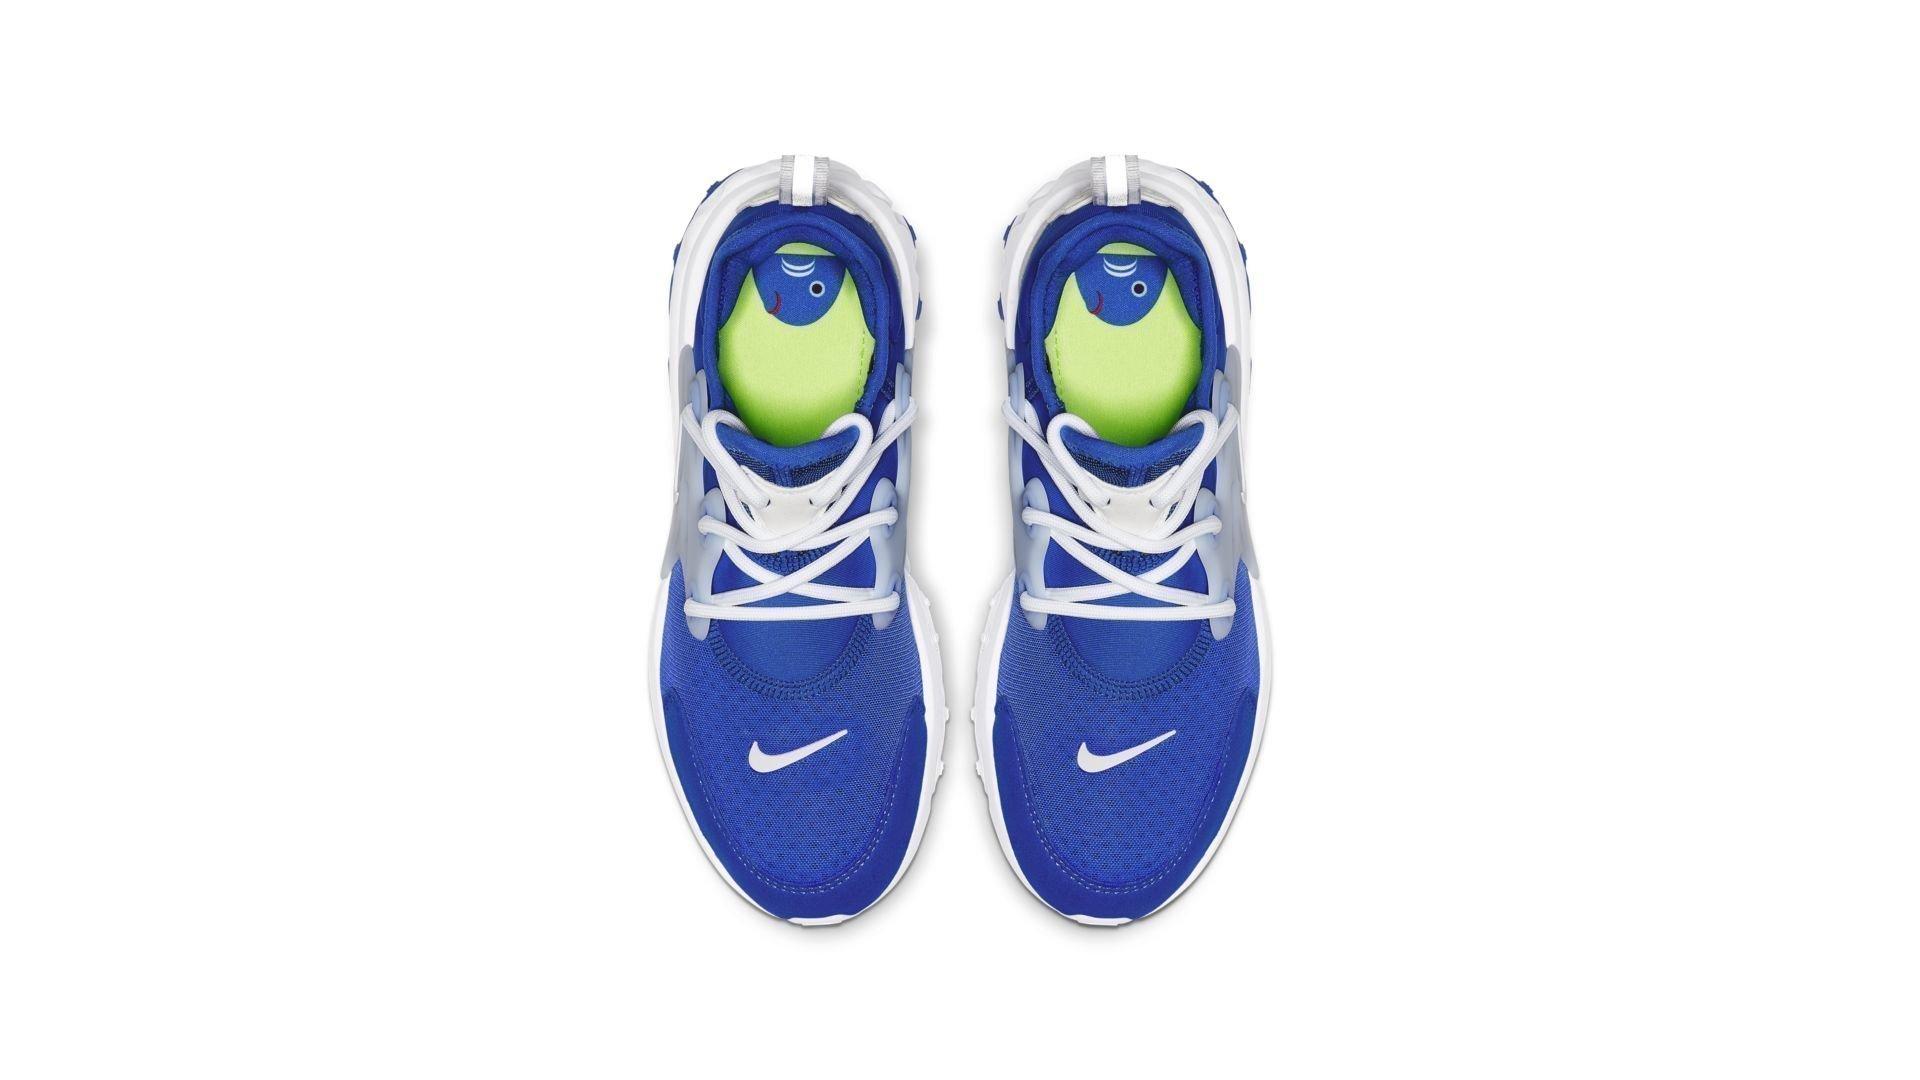 Nike React Presto Hyper Royal (GS) (BQ4002-400)